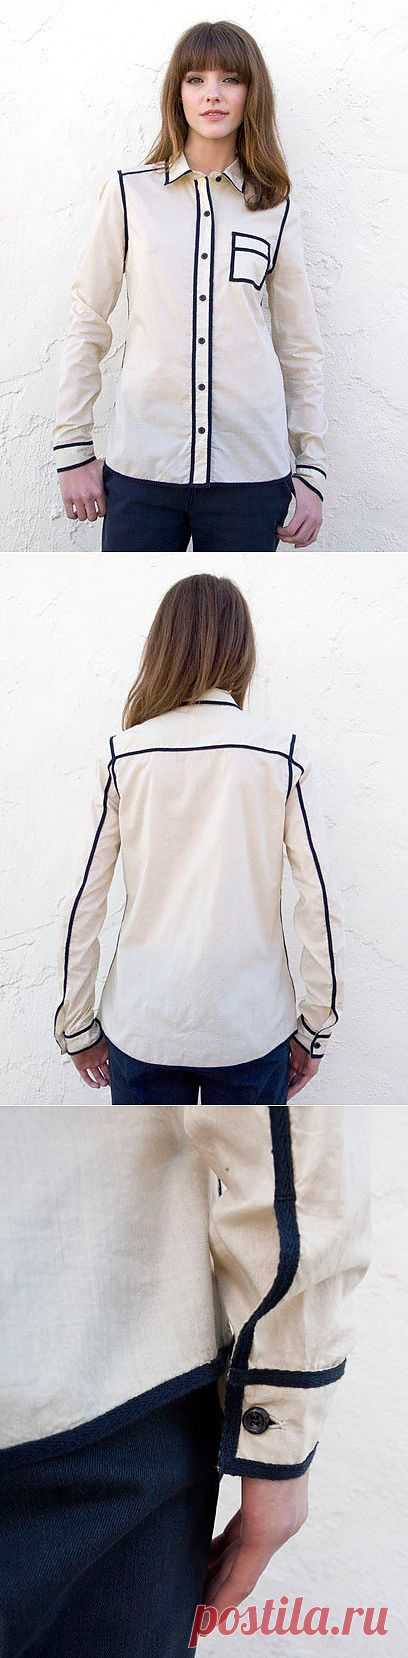 Декор швов на рубашке / Рубашки / Модный сайт о стильной переделке одежды и интерьера